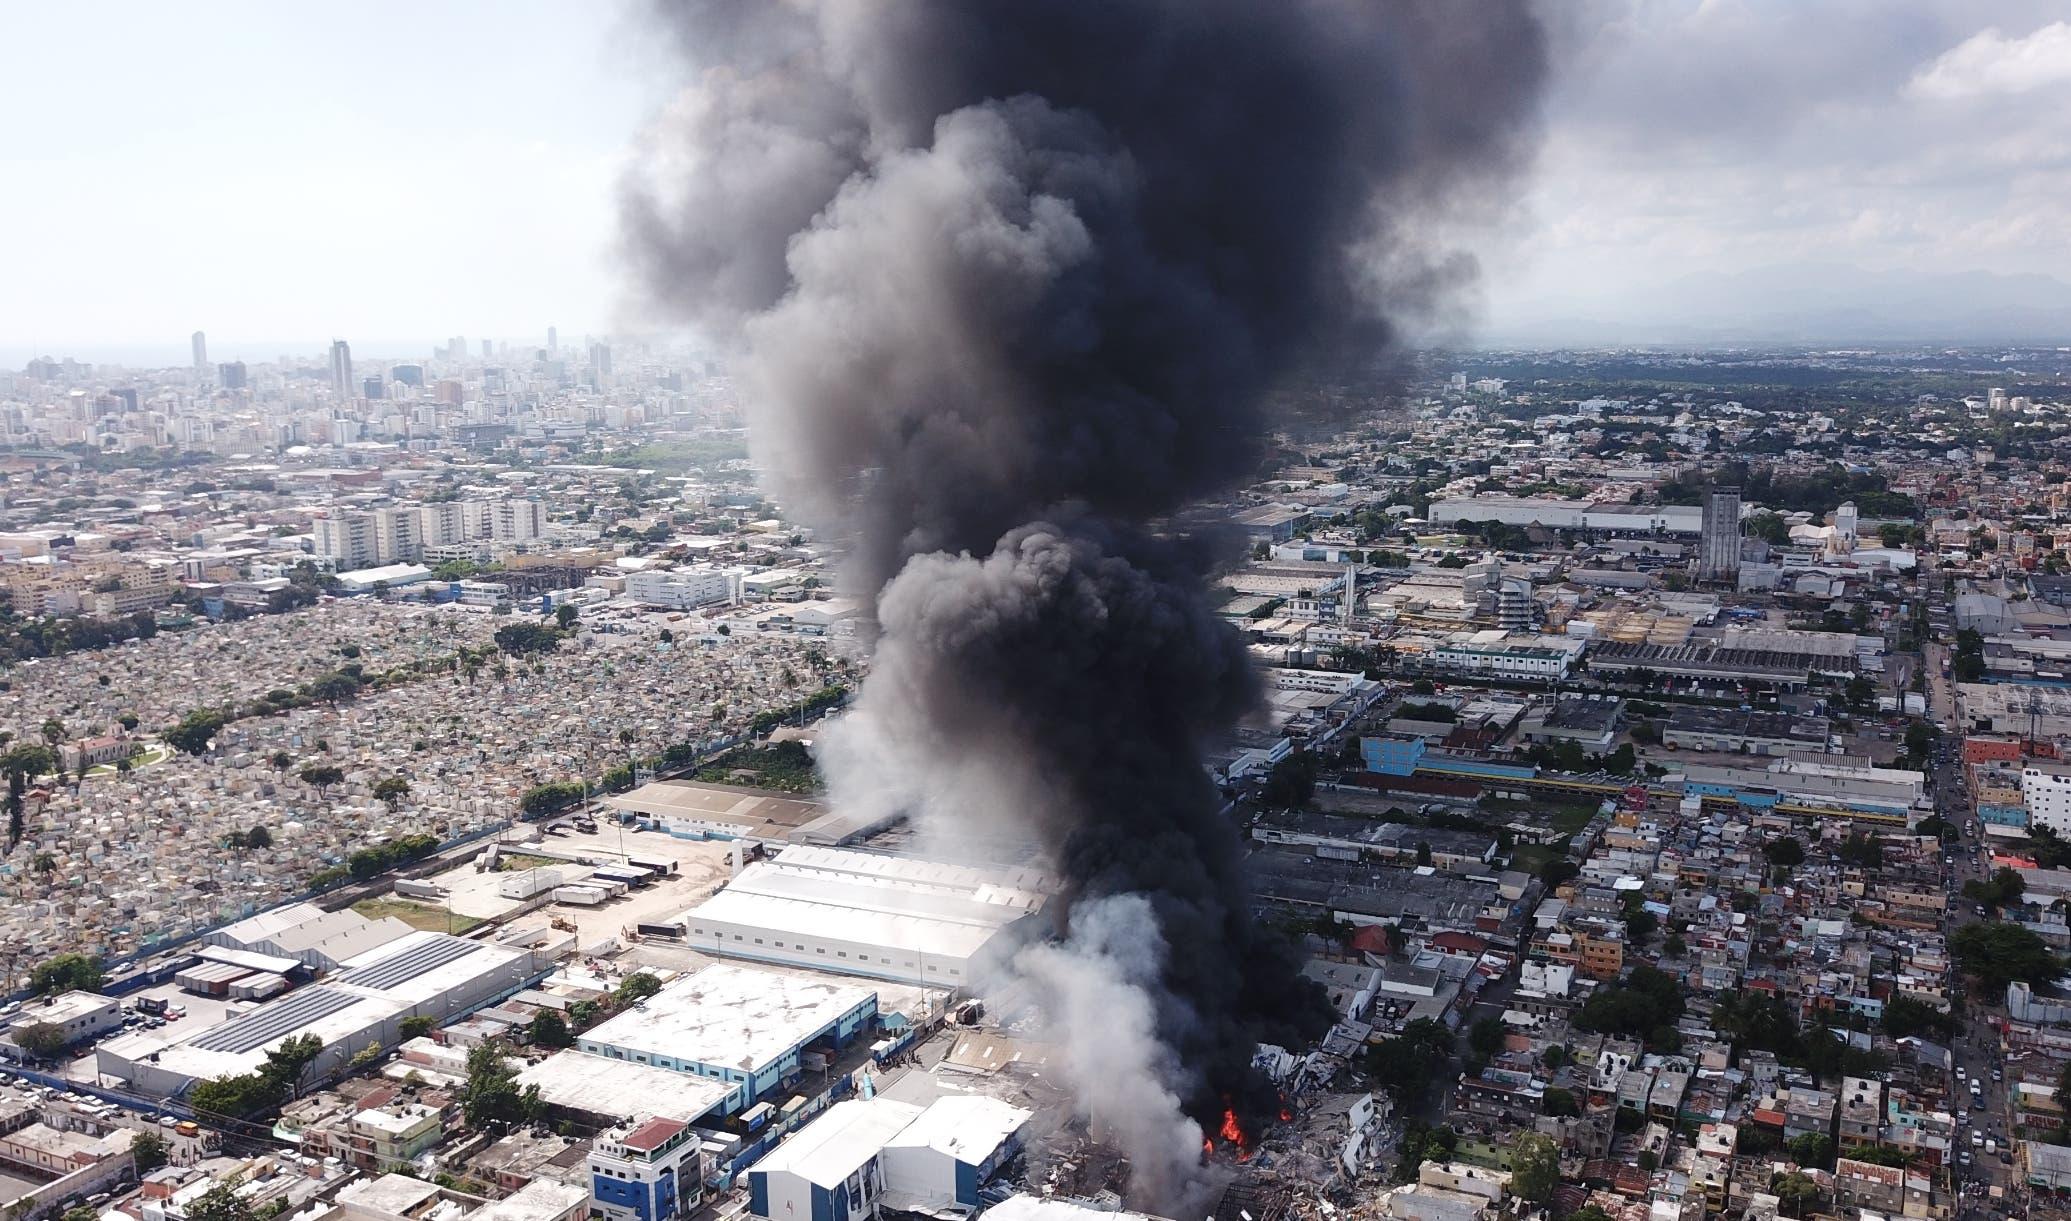 La espesa humareda producto del incendio que se propagó por varias horas se pudo observar  varios kilómetros a la redonda. Jovanny Kranwinkel